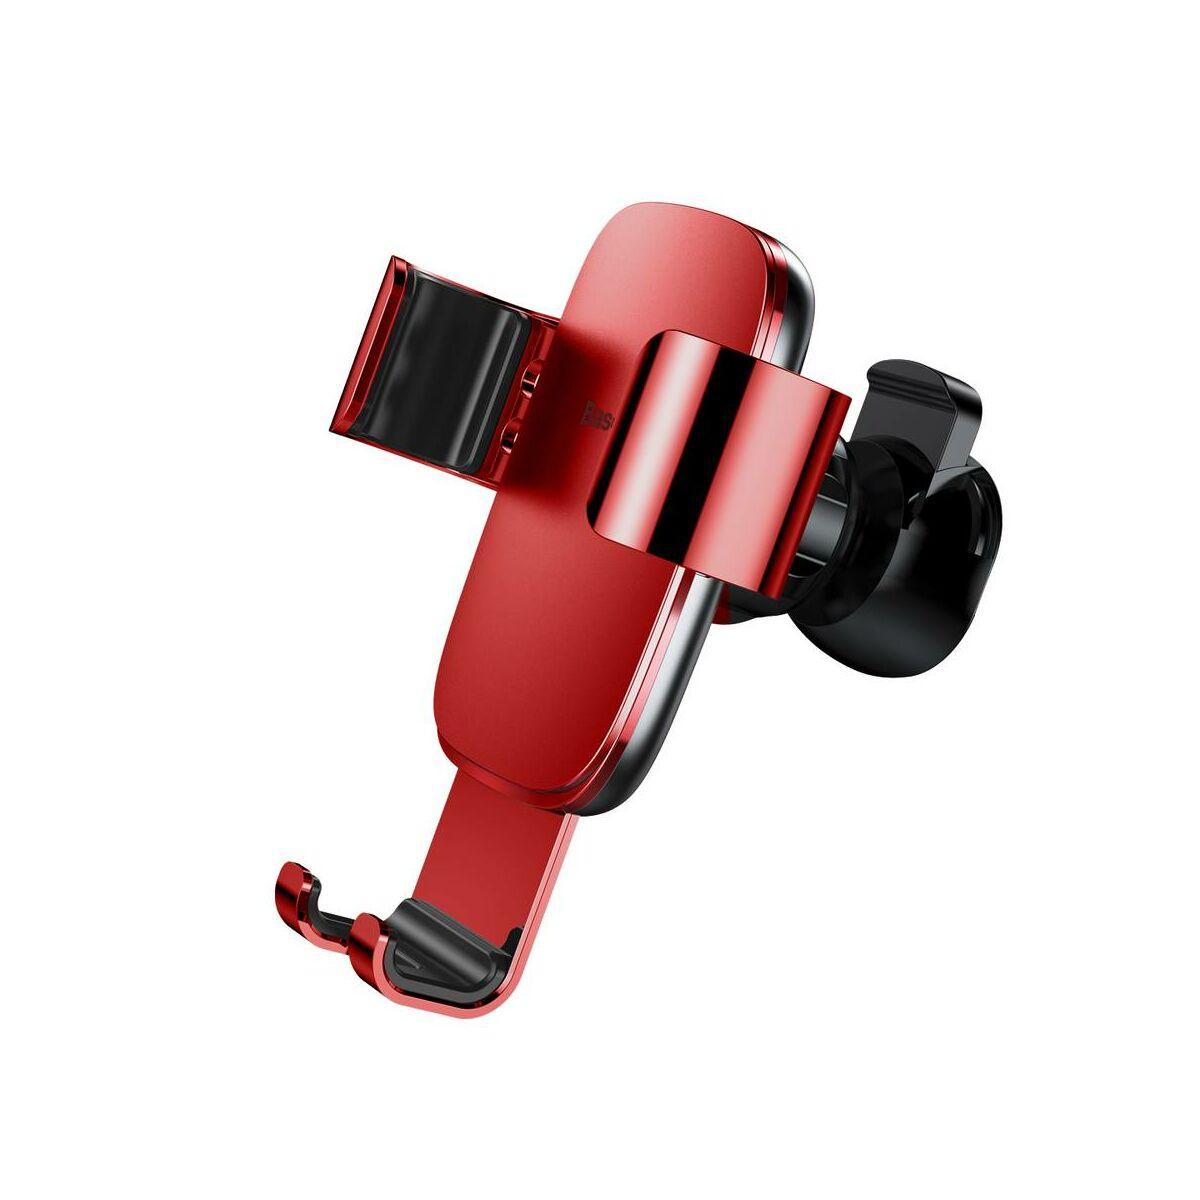 Baseus autós telefon tartó, Metal Age Gravity szellőzőrácsra, piros (SUYL-D09)